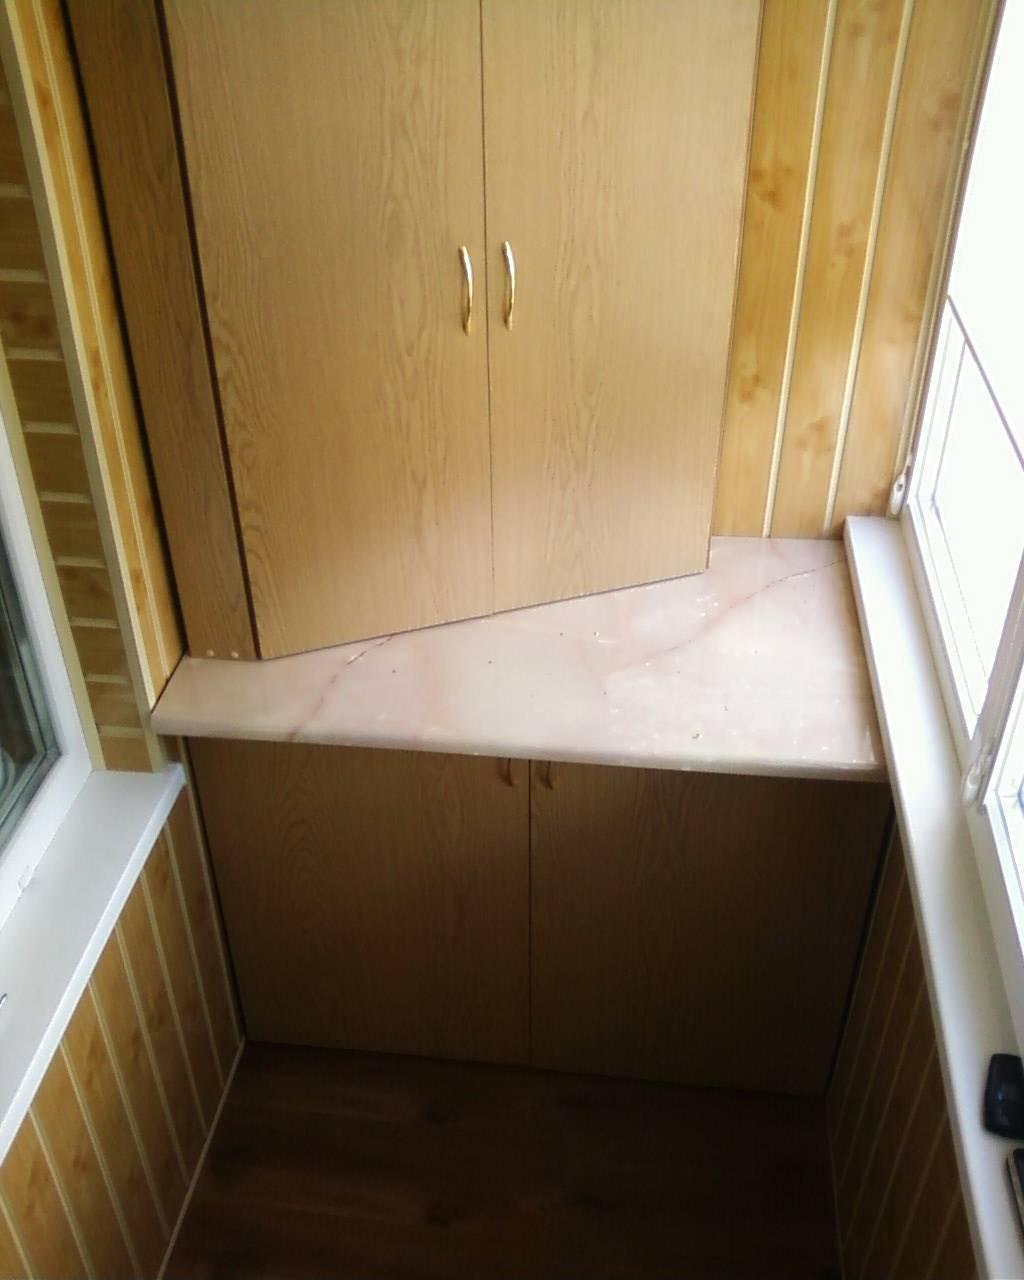 Шкаф на балкон своими руками: варианты изделия, из чего можно сделать, делаем шкаф на лоджию своими руками